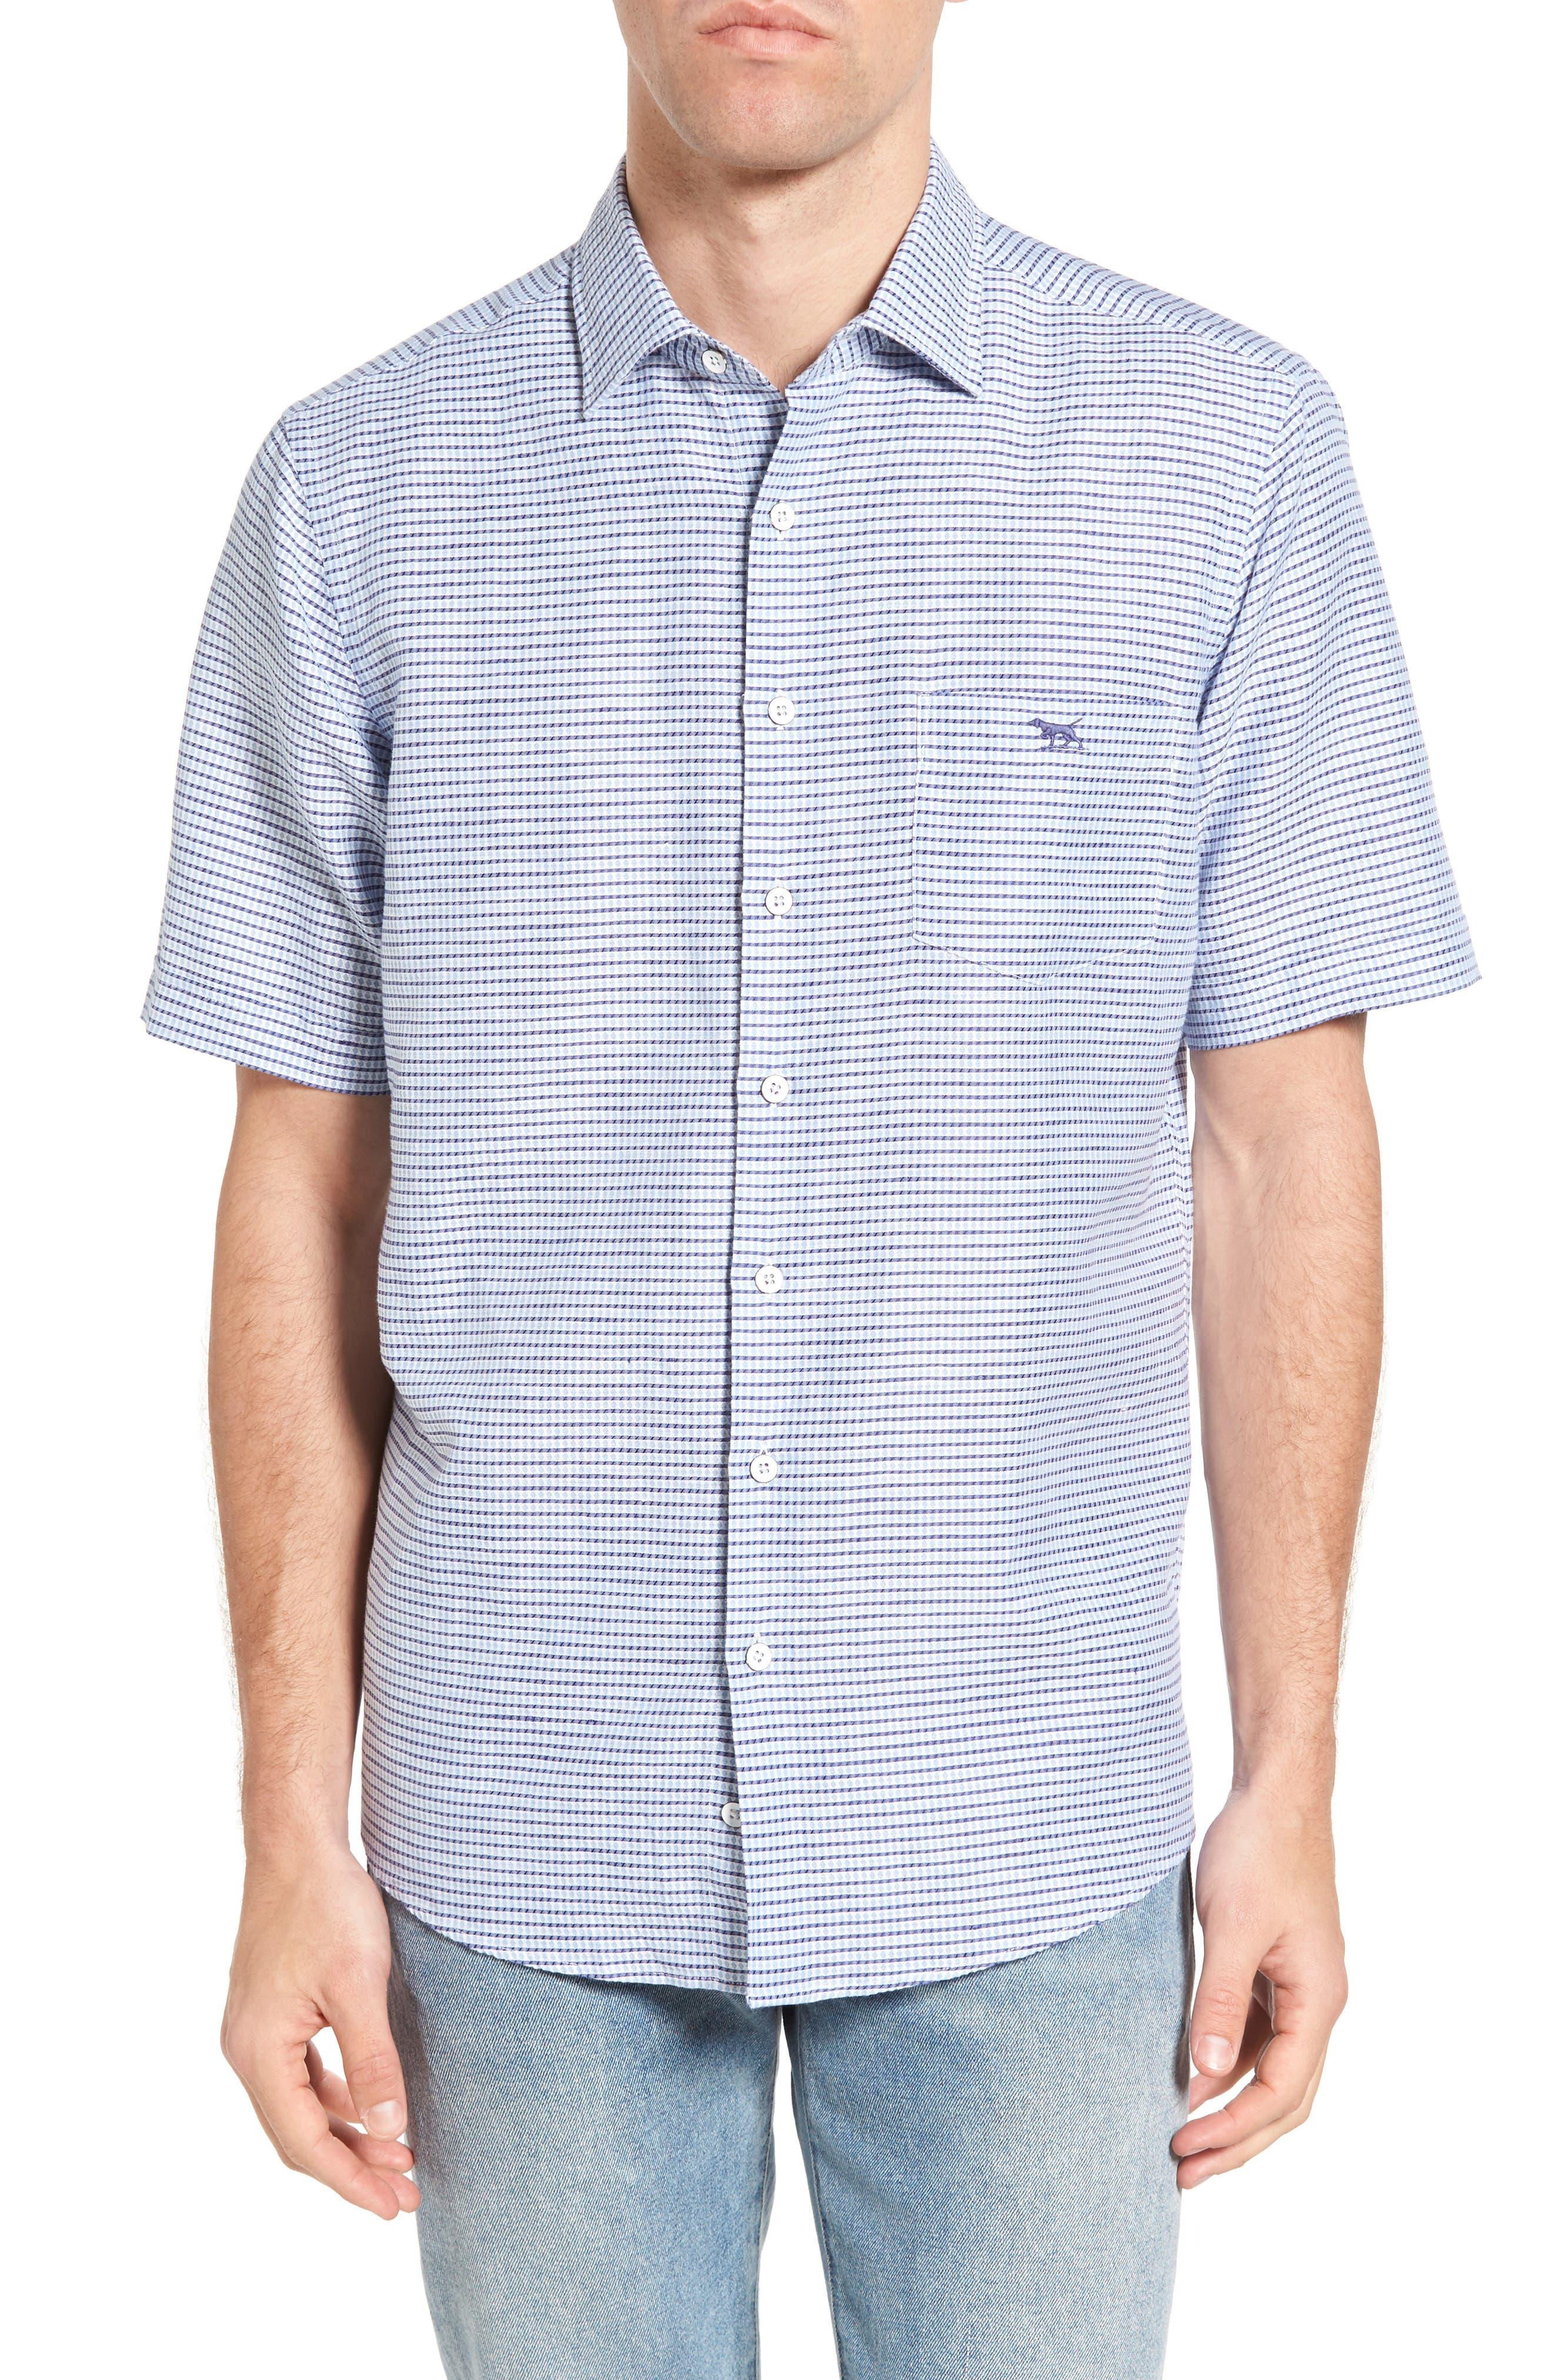 Upper Hutt Original Fit Sport Shirt,                             Main thumbnail 1, color,                             459